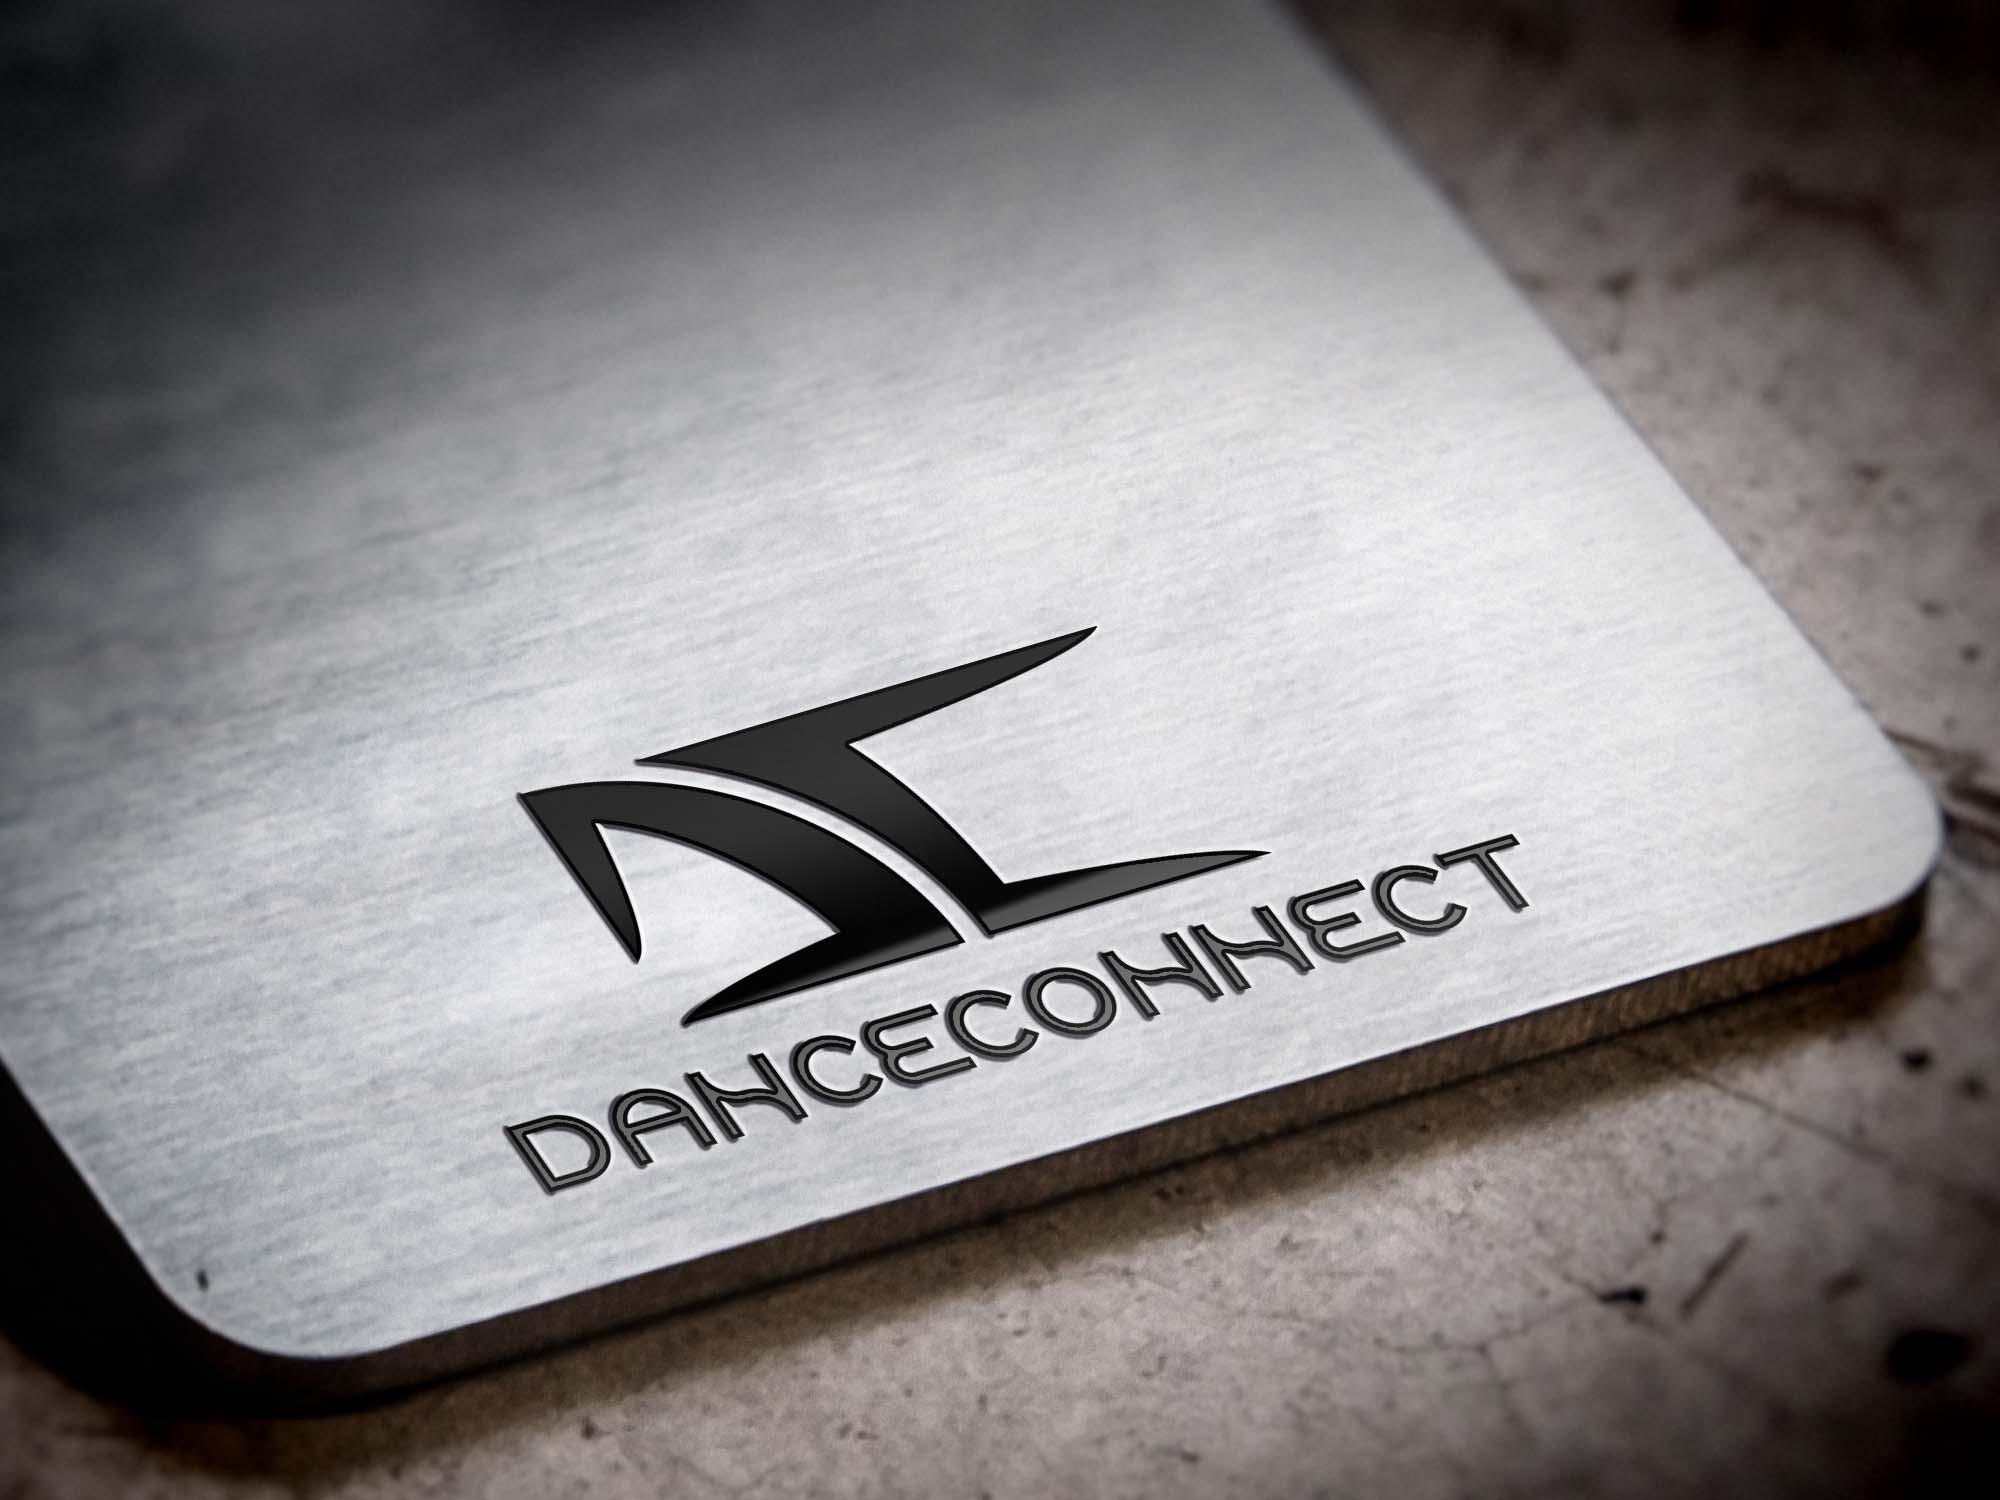 Разработка лого для спортивного портала www.danceconnect.ru фото f_6825b40ba58ab2f0.jpg